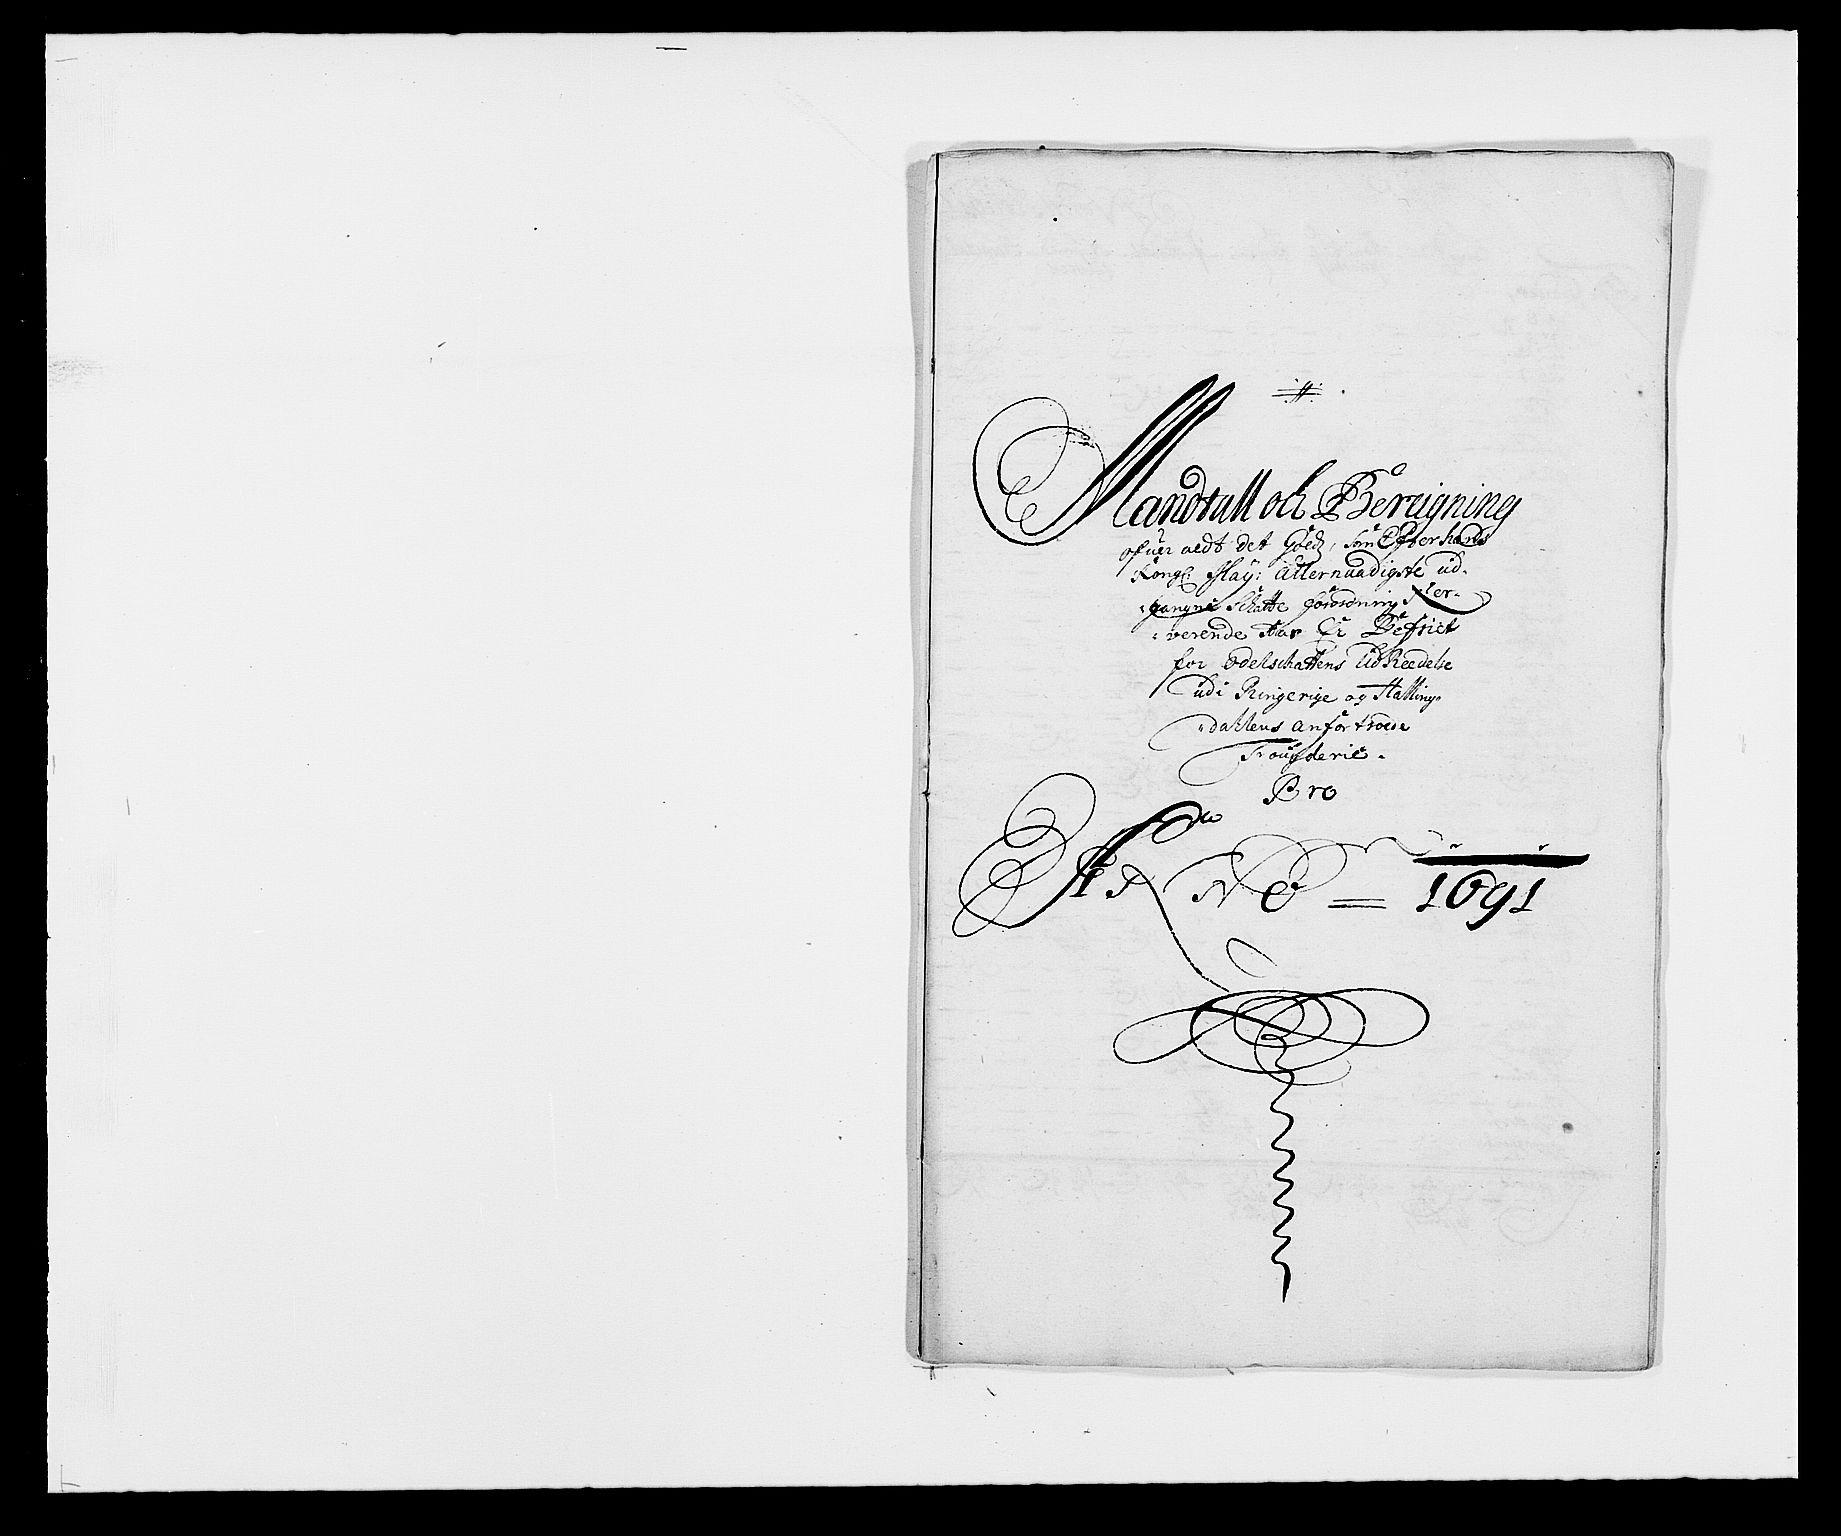 RA, Rentekammeret inntil 1814, Reviderte regnskaper, Fogderegnskap, R21/L1448: Fogderegnskap Ringerike og Hallingdal, 1690-1692, s. 344